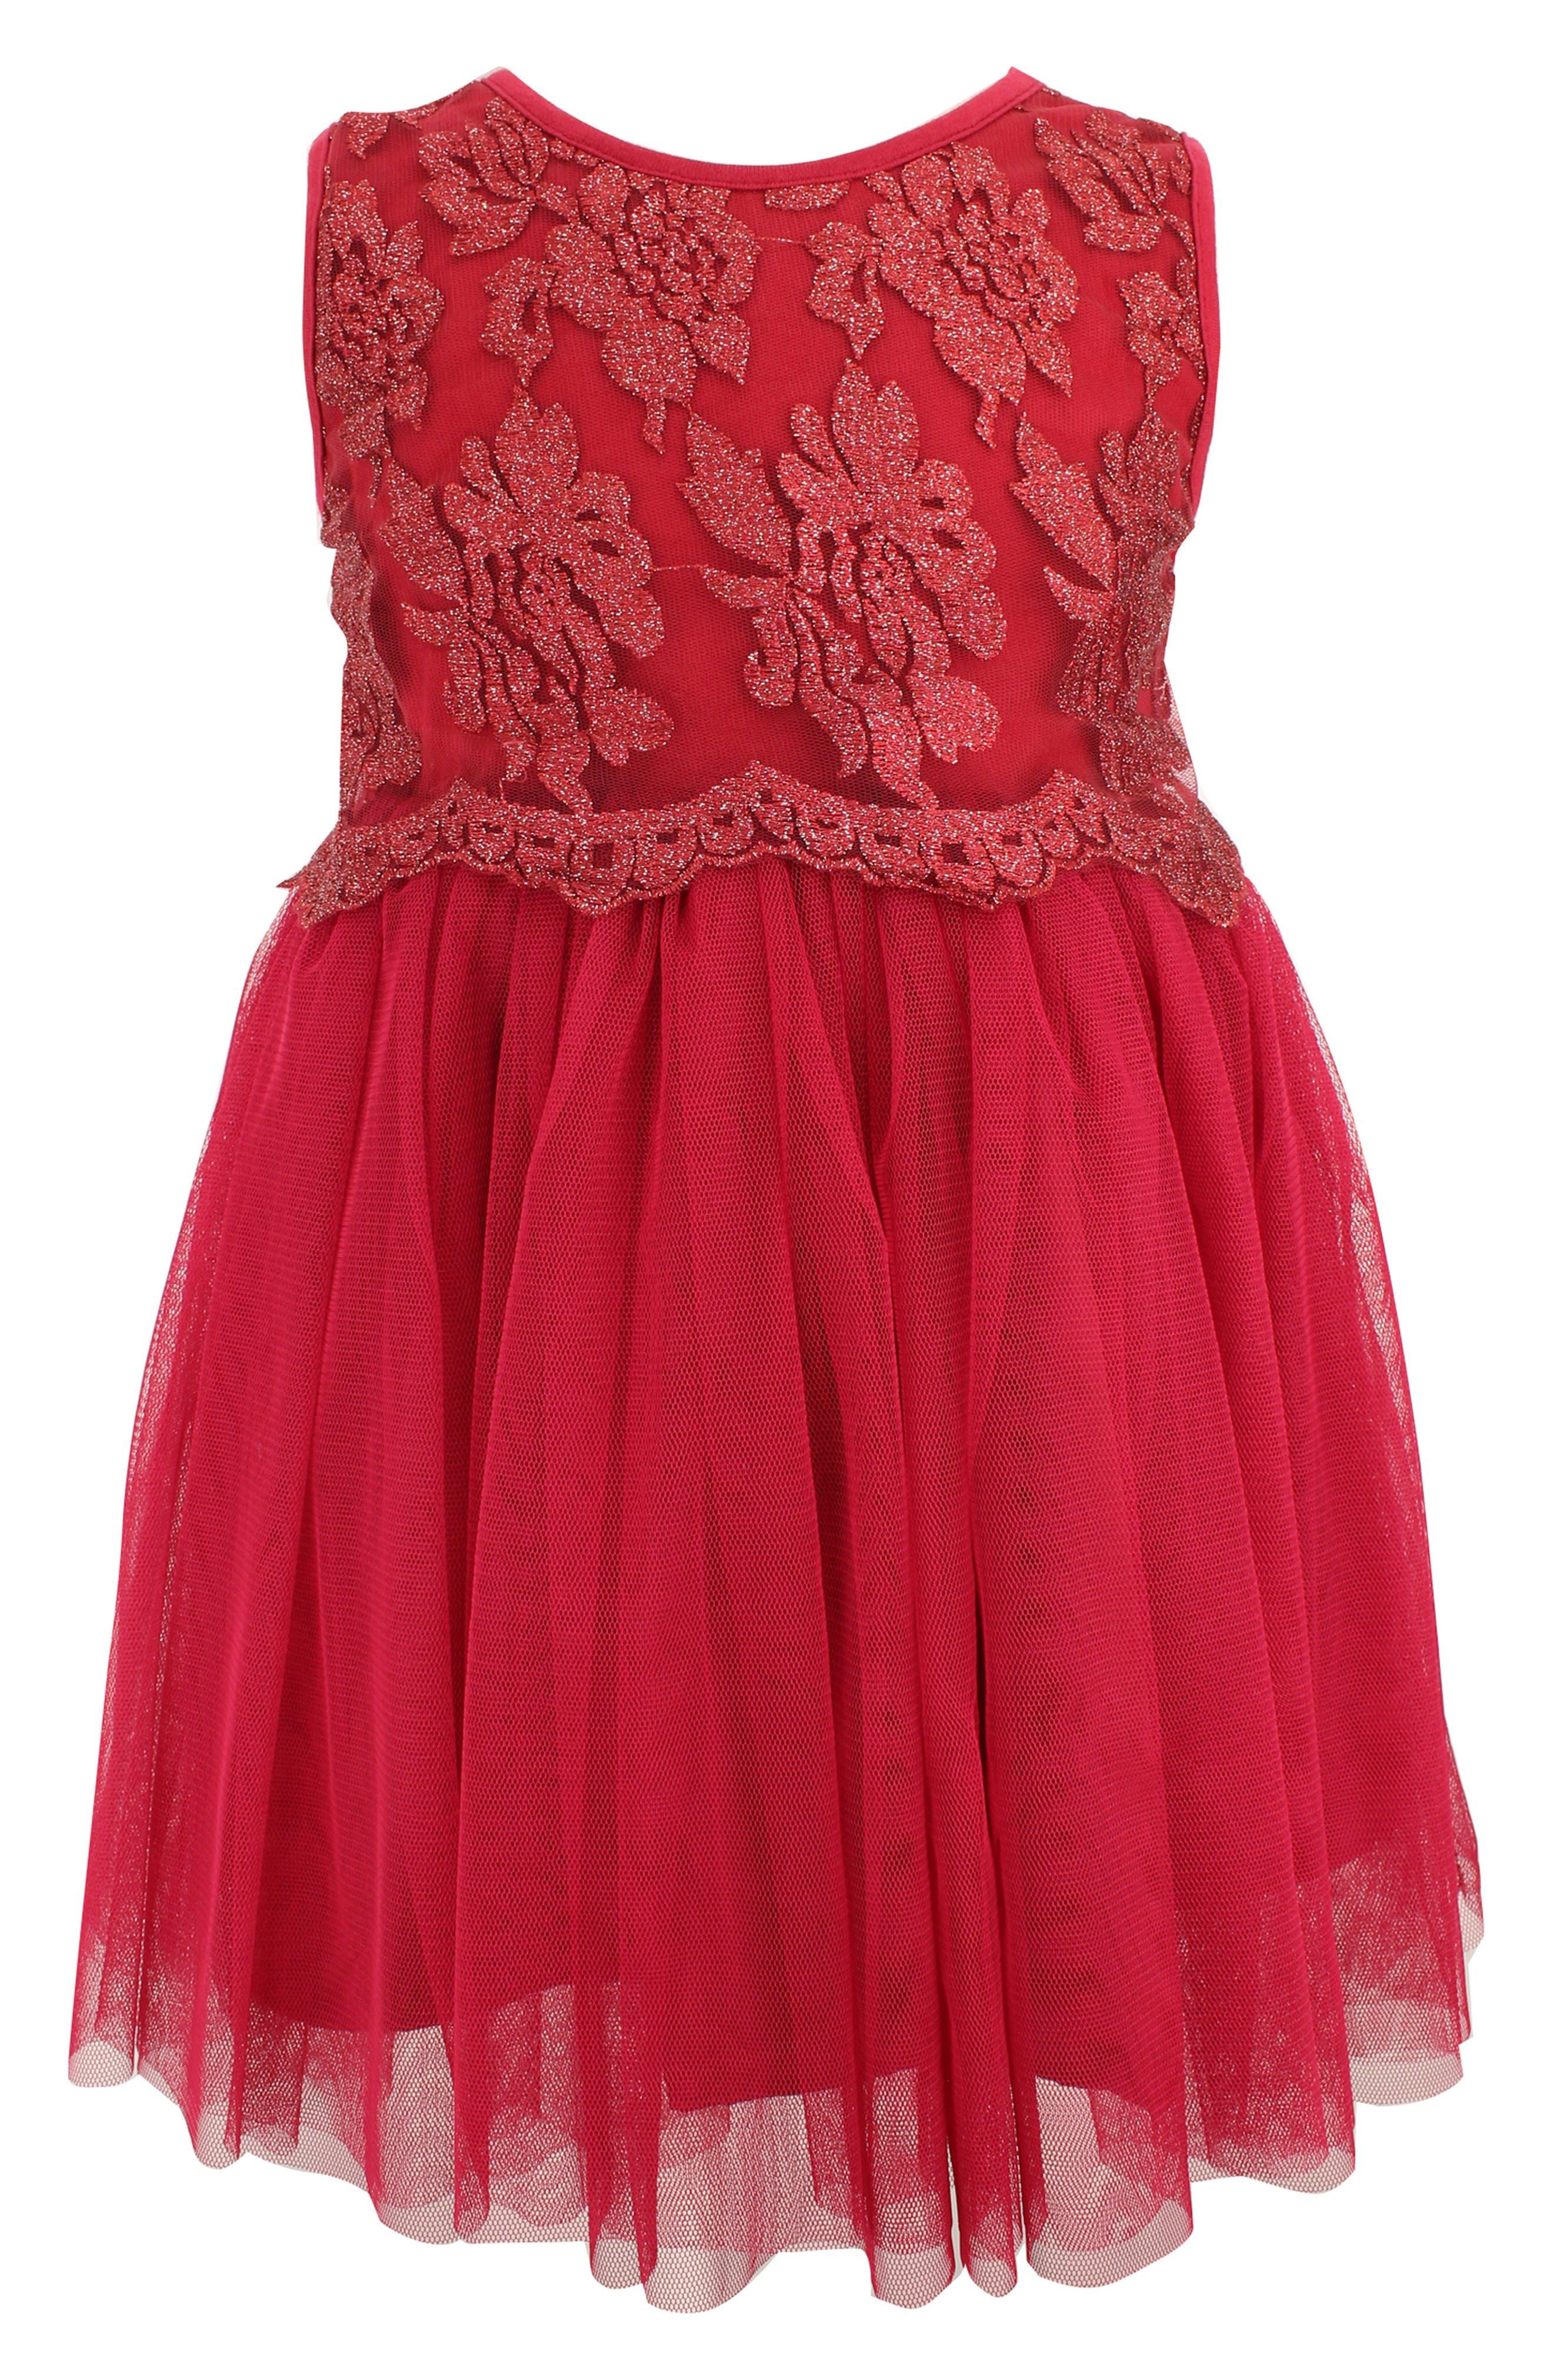 POPATU Lace Tulle Dress, Main, color, BURGUNDY